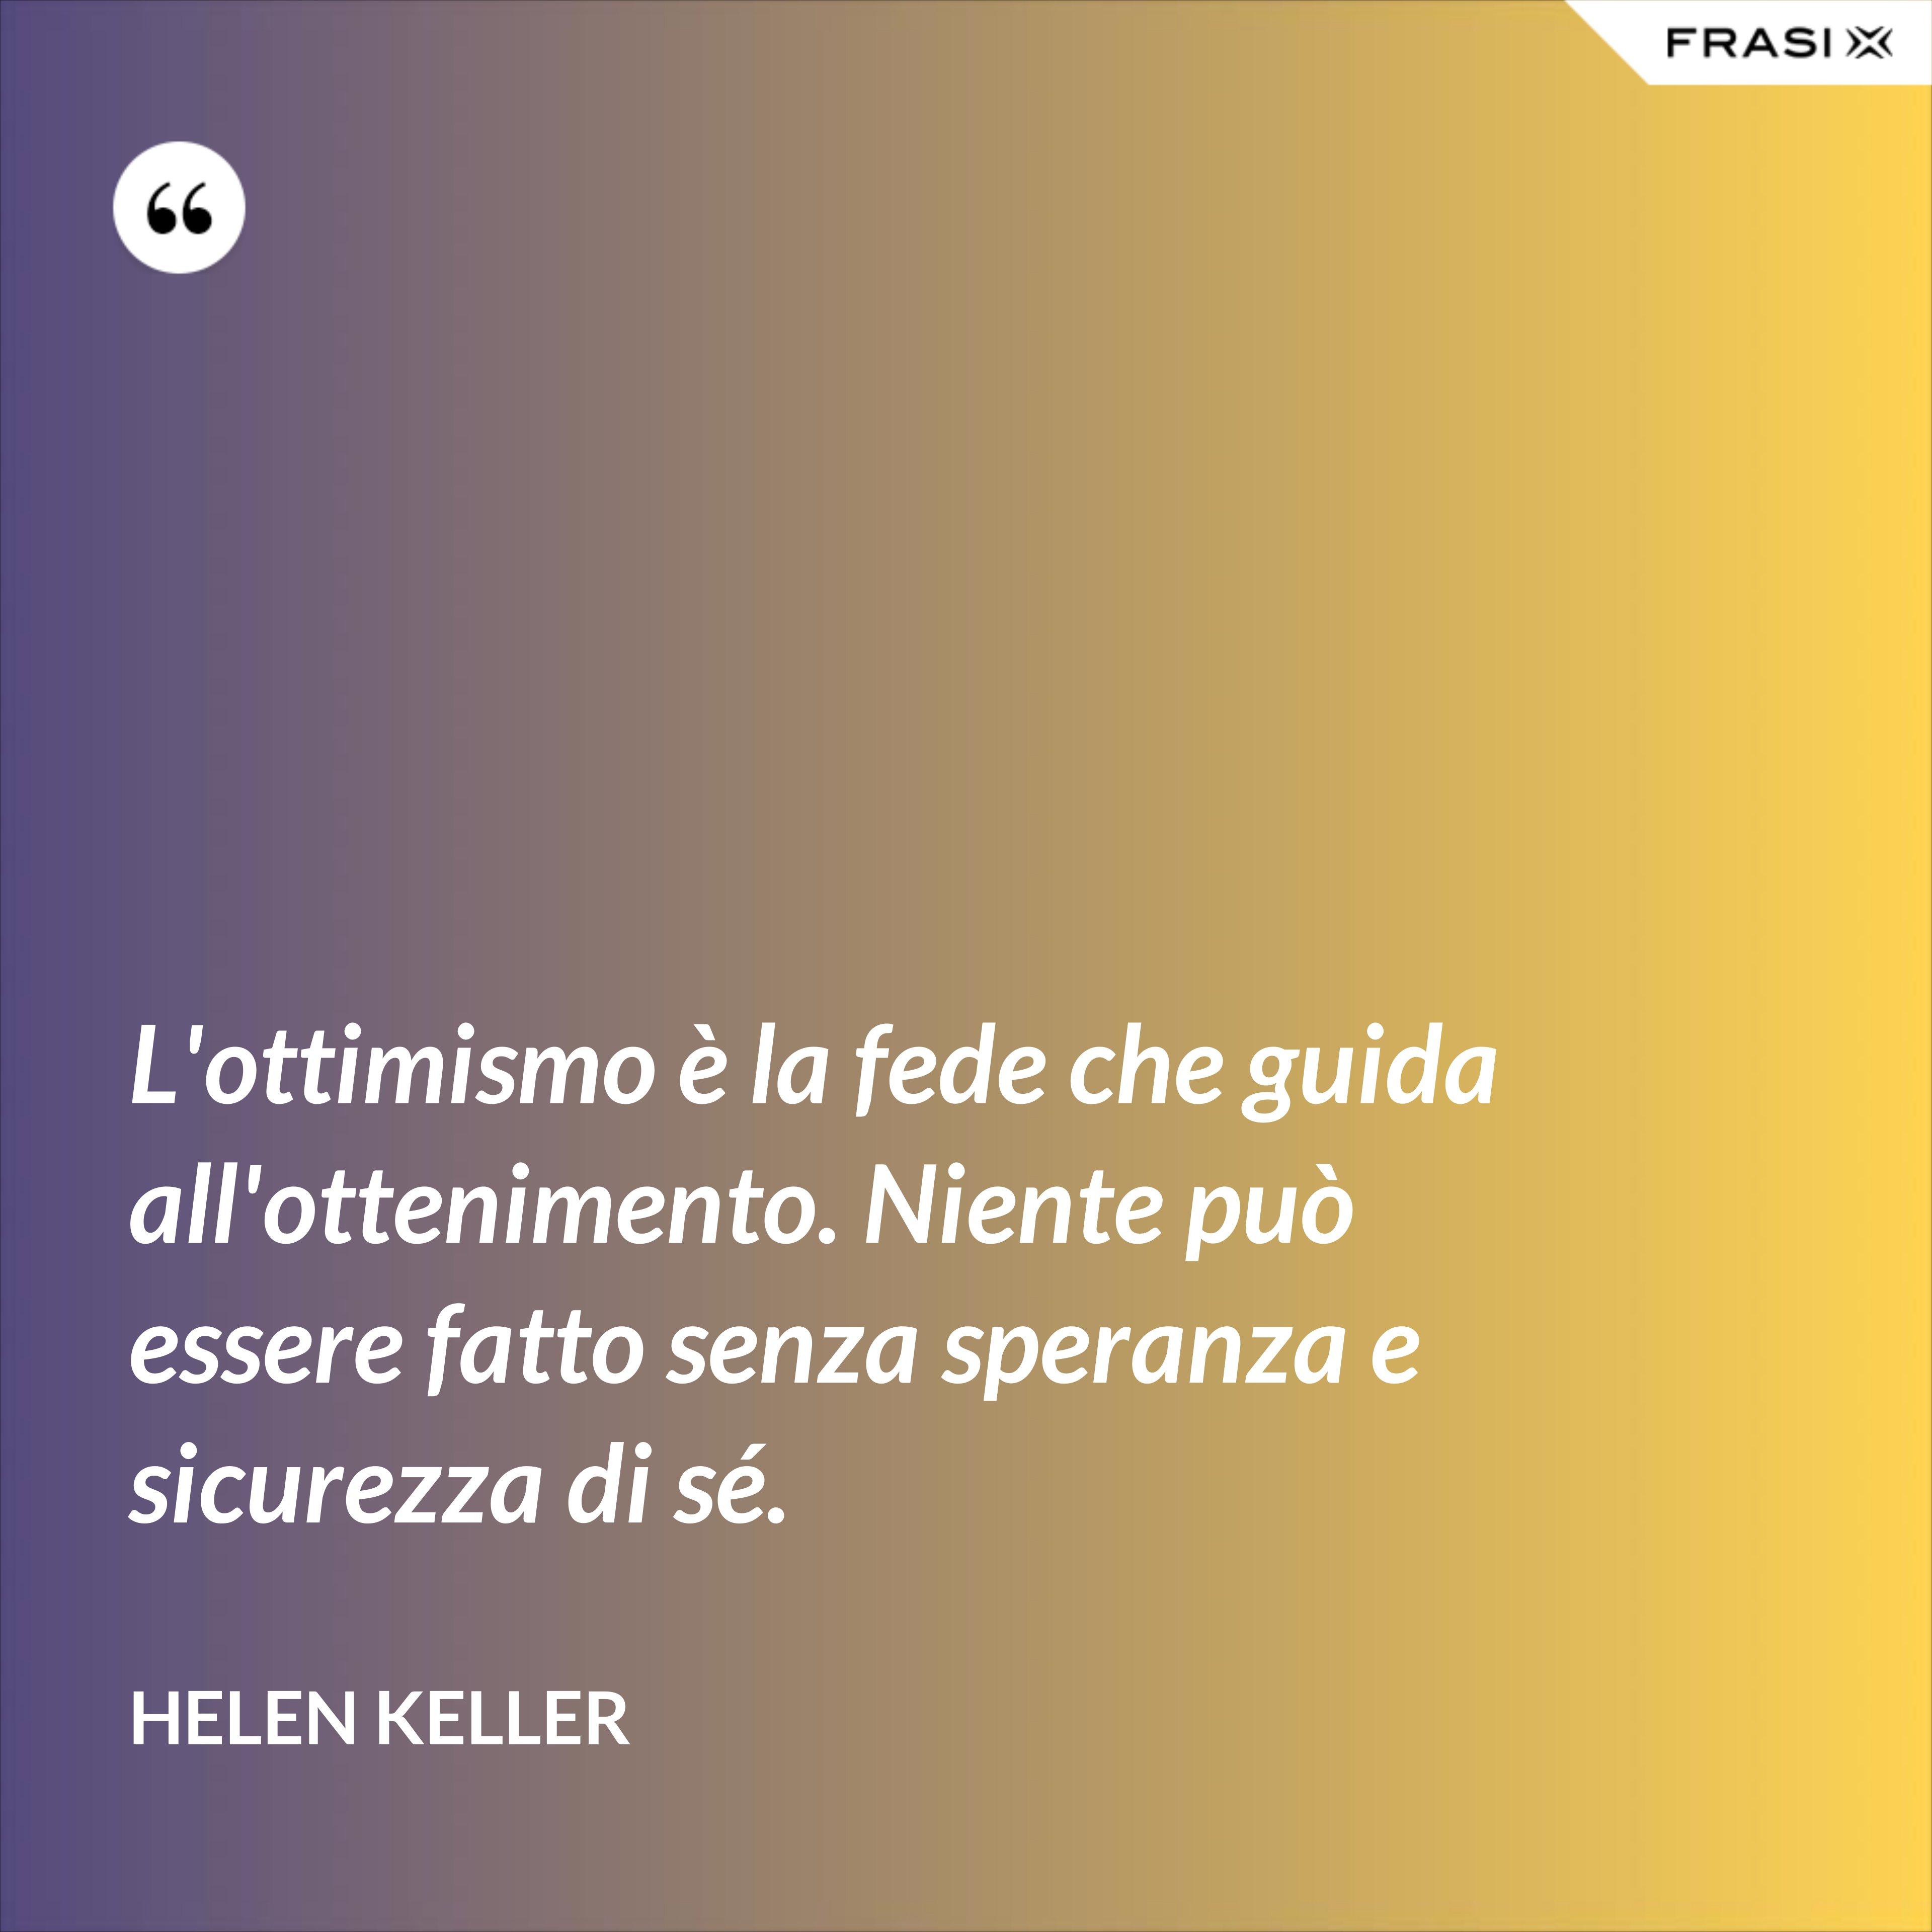 L'ottimismo è la fede che guida all'ottenimento. Niente può essere fatto senza speranza e sicurezza di sé. - Helen Keller